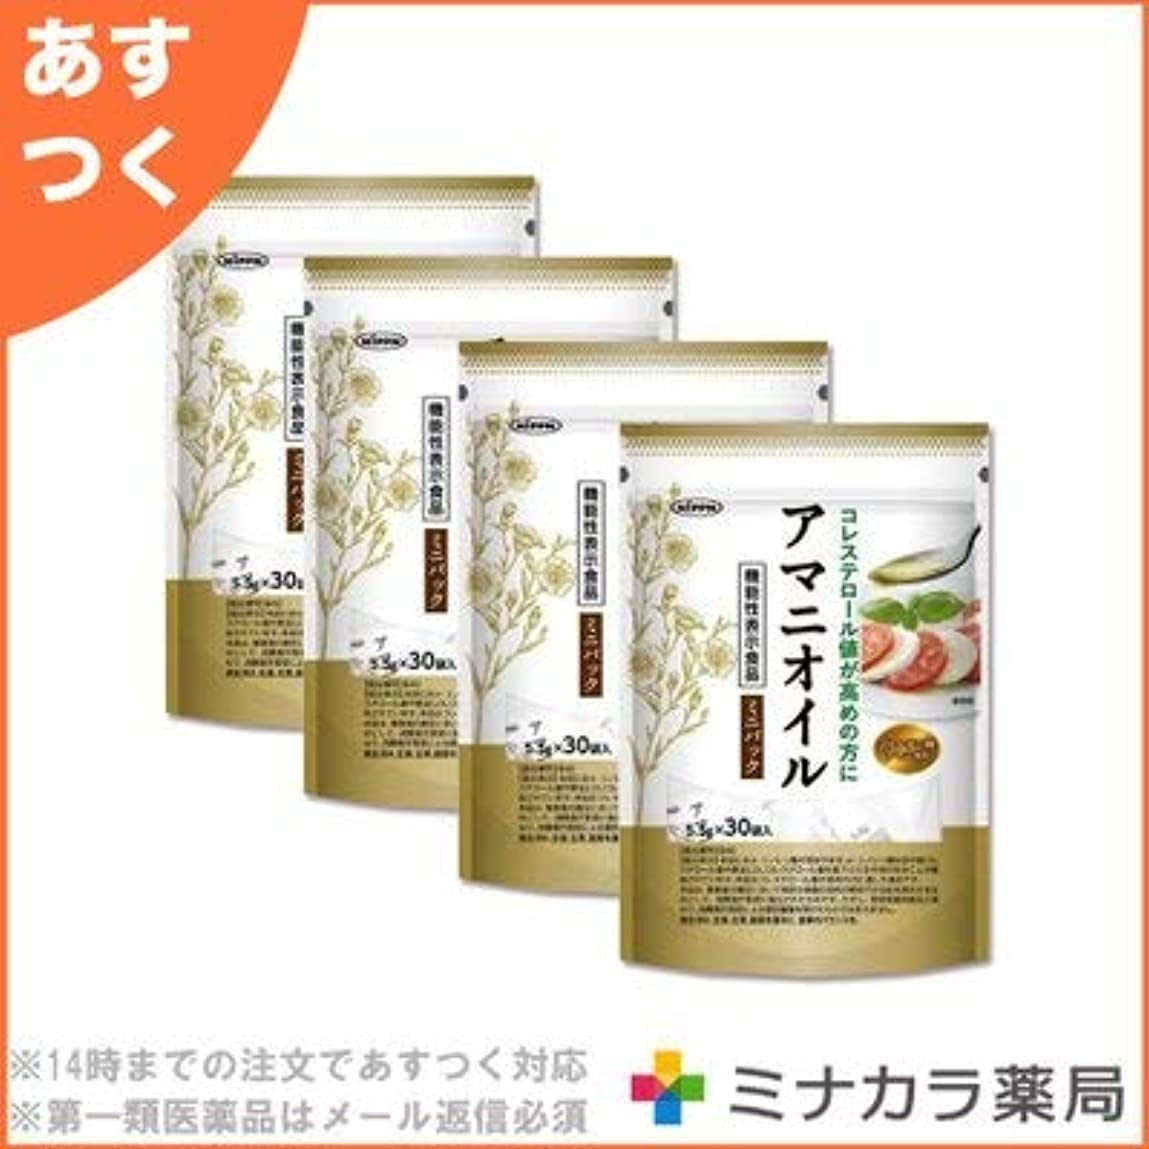 こしょうエスニック窒素日本製粉 アマニオイル ミニパック 5.5g×30 (機能性表示食品)×4個セット